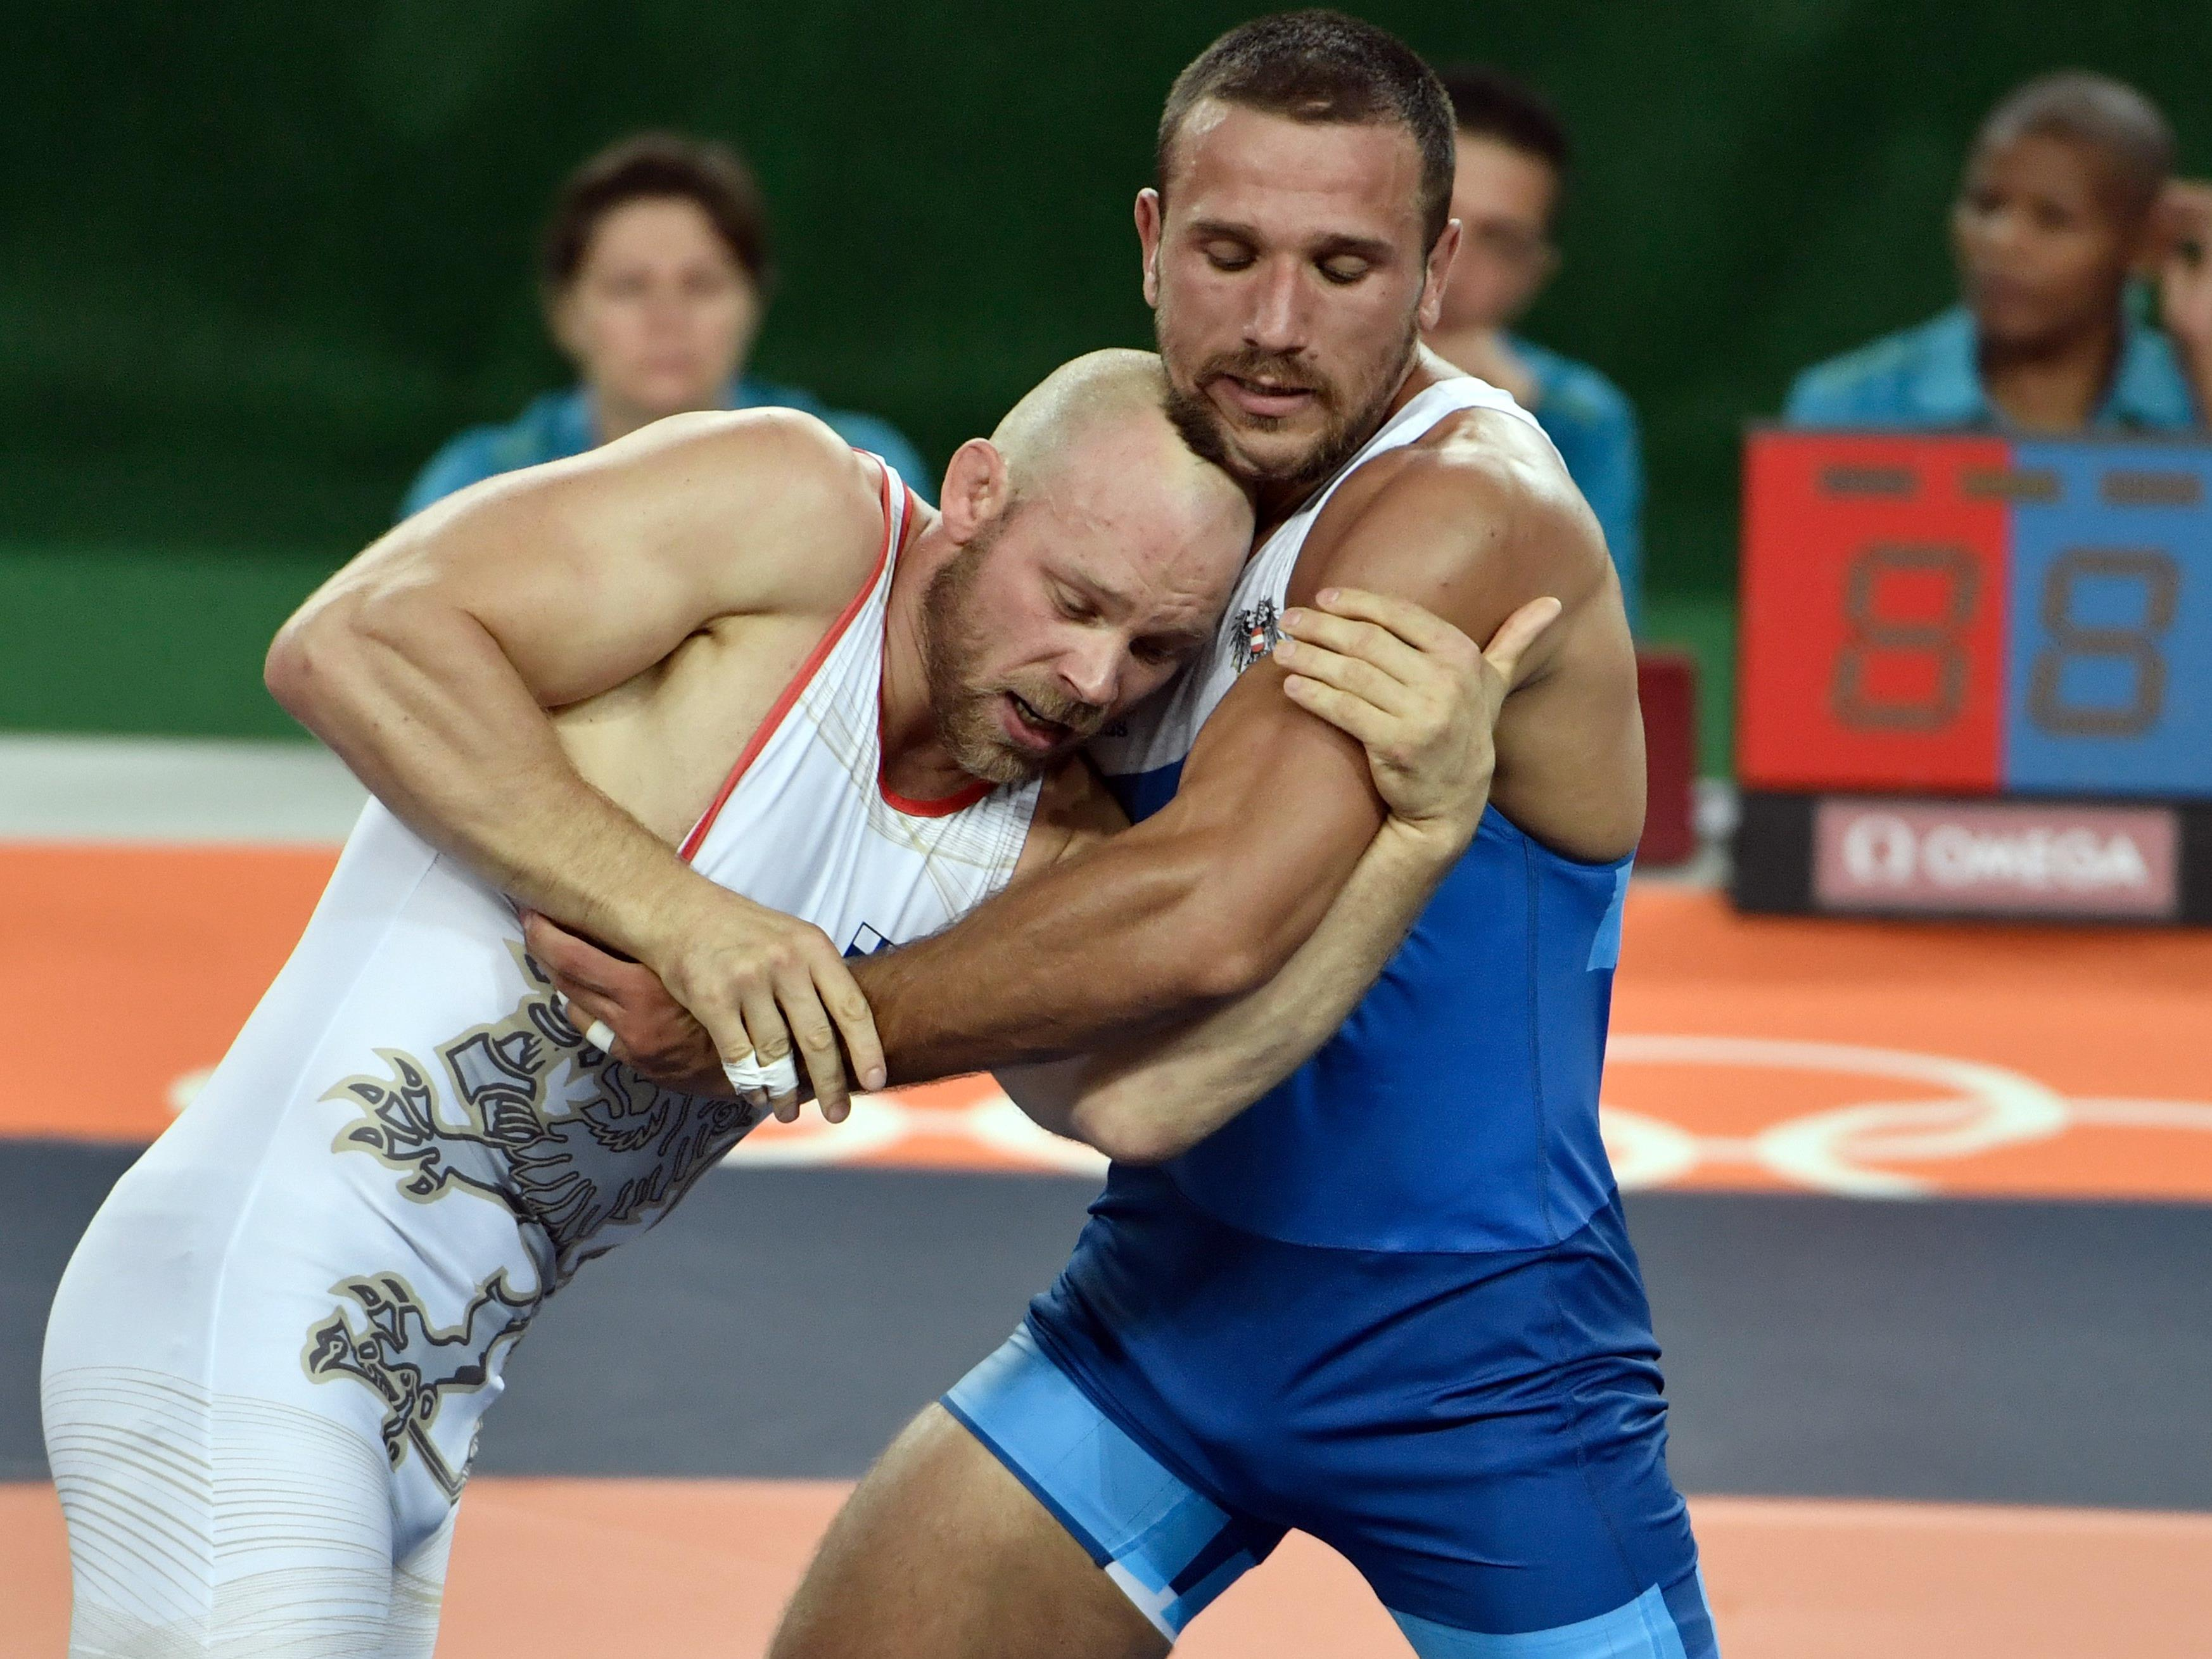 Ringer Amer Hrustanovic (r./AUT) am Montag in Aktion gegen Rami Antero Hietaniemi (FIN) im Rahmen der Olympischen Sommerspiele in Rio de Janeiro.